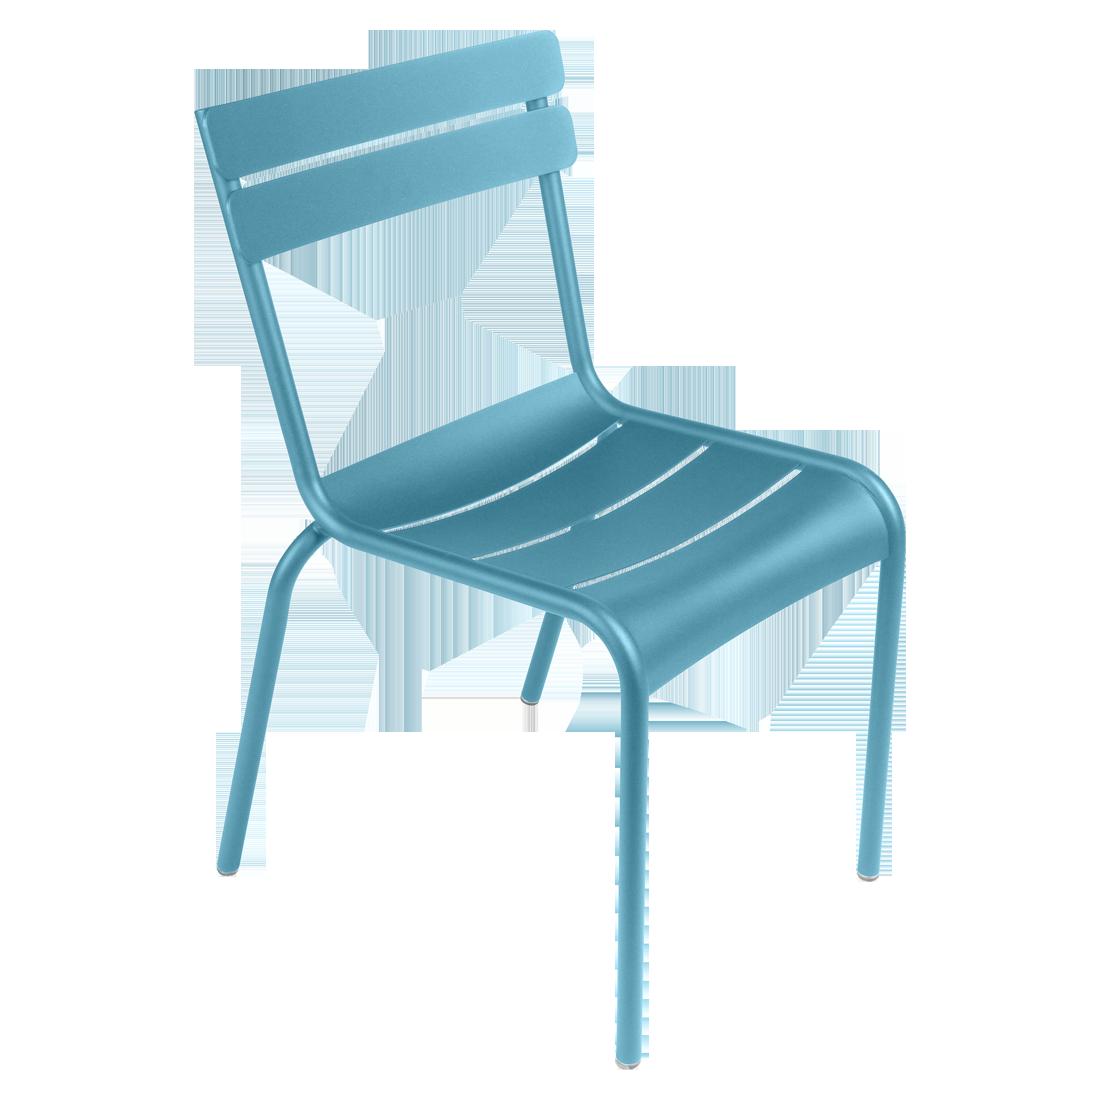 Chaise Luxembourg De Fermob Jardin En Aluminium Confortable Et Trs Rsistante Empilable Avec Patins Silence